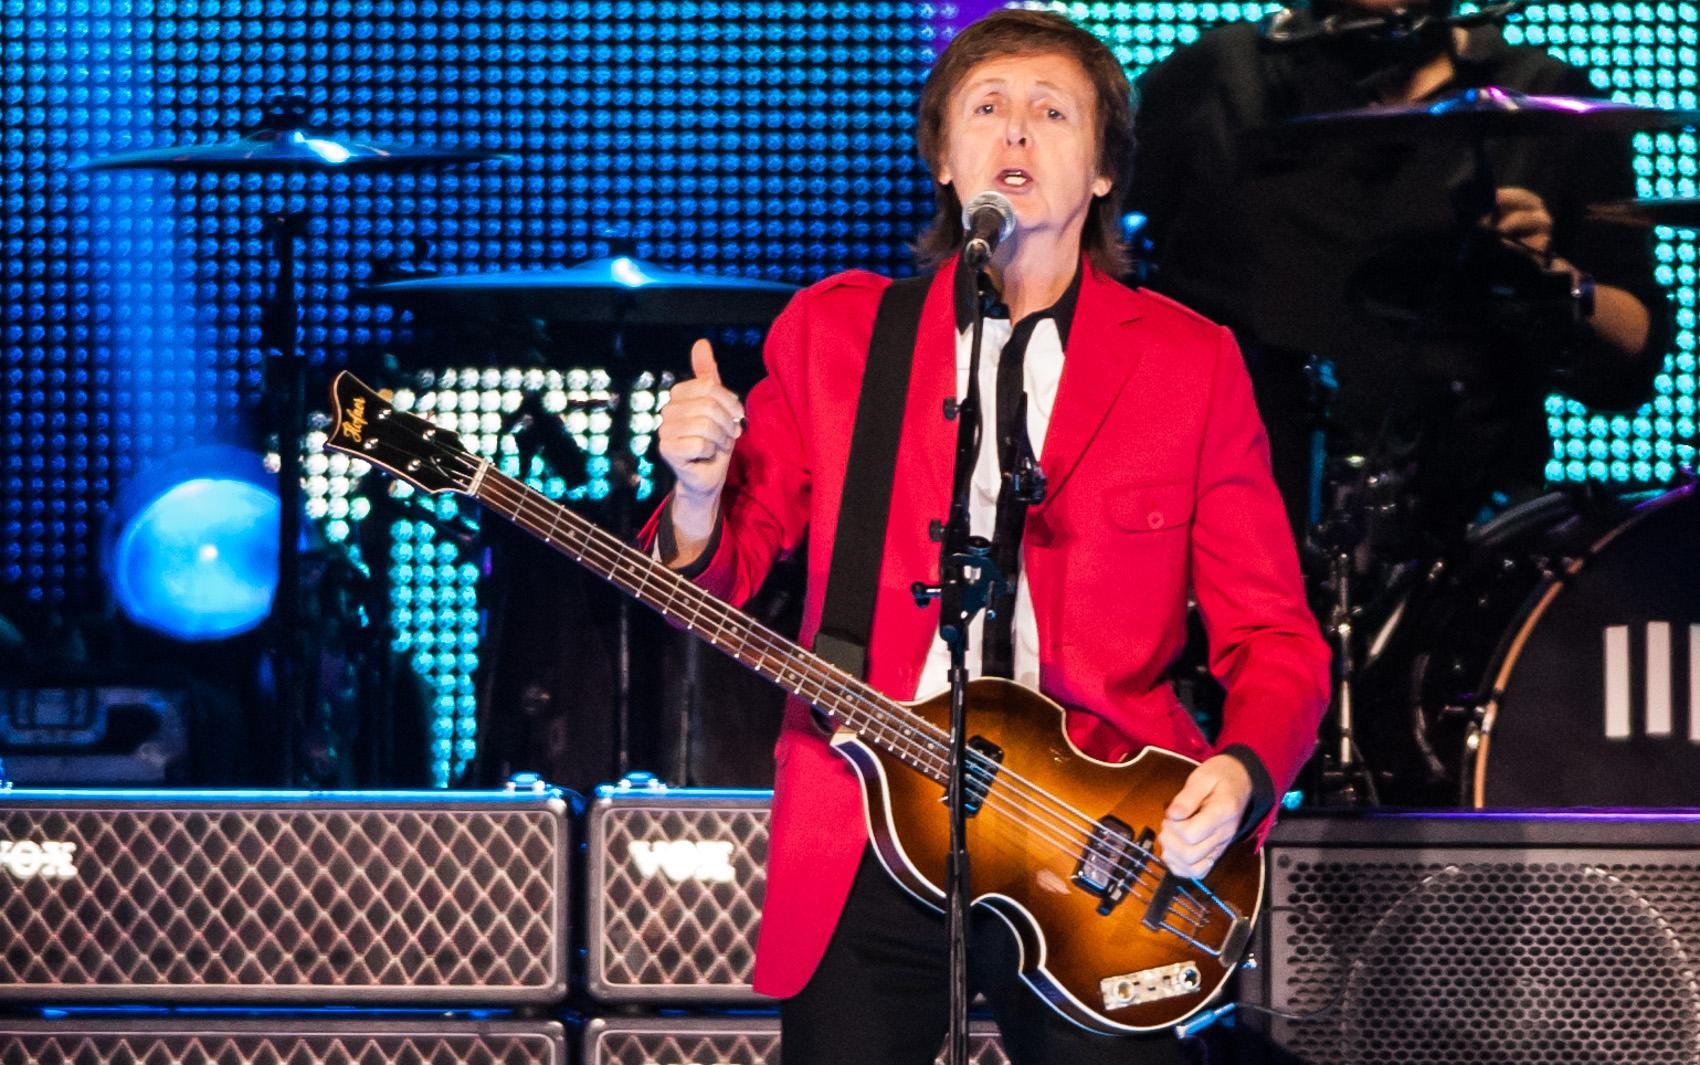 Paul McCartney e banda durante show em noite de chuva no Estádio Nacional Mané Garrincha, em Brasília